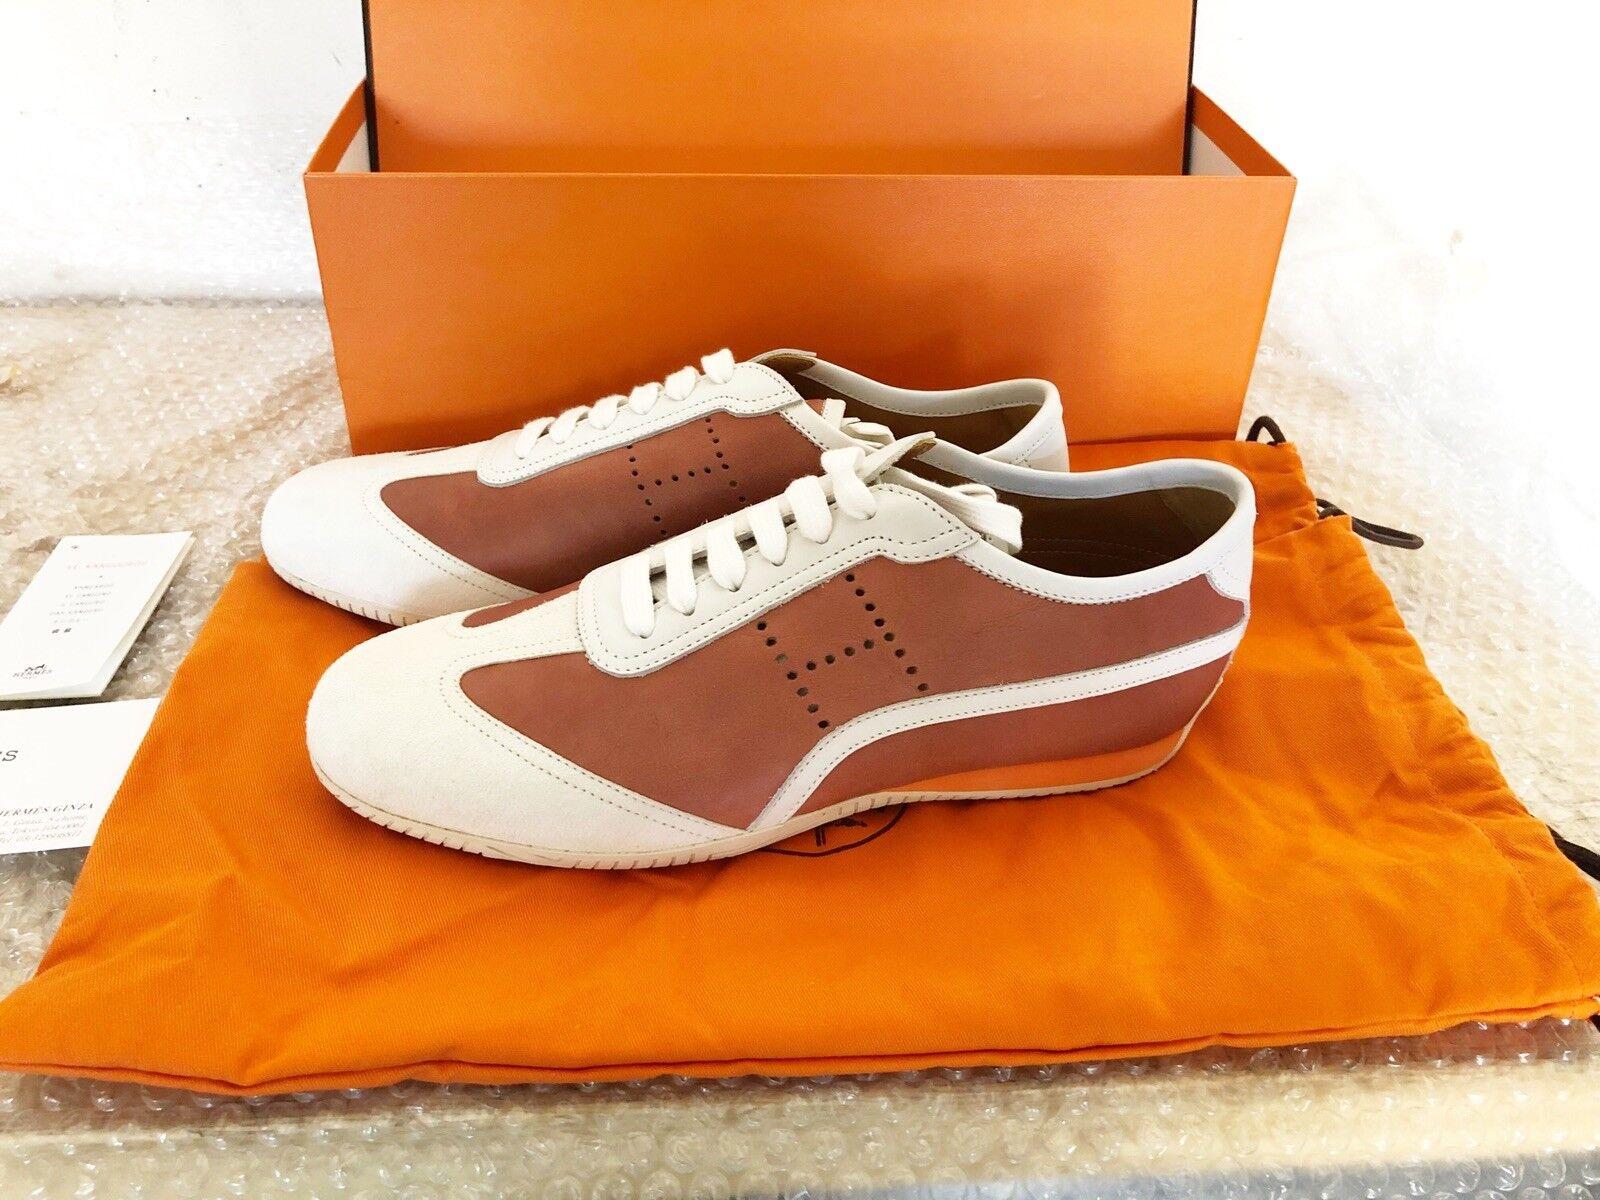 Original MSRP nuevo Hermes cortos de cuero x serraje zapatos zapatos zapatos 41 us 8  8.5 30f83a